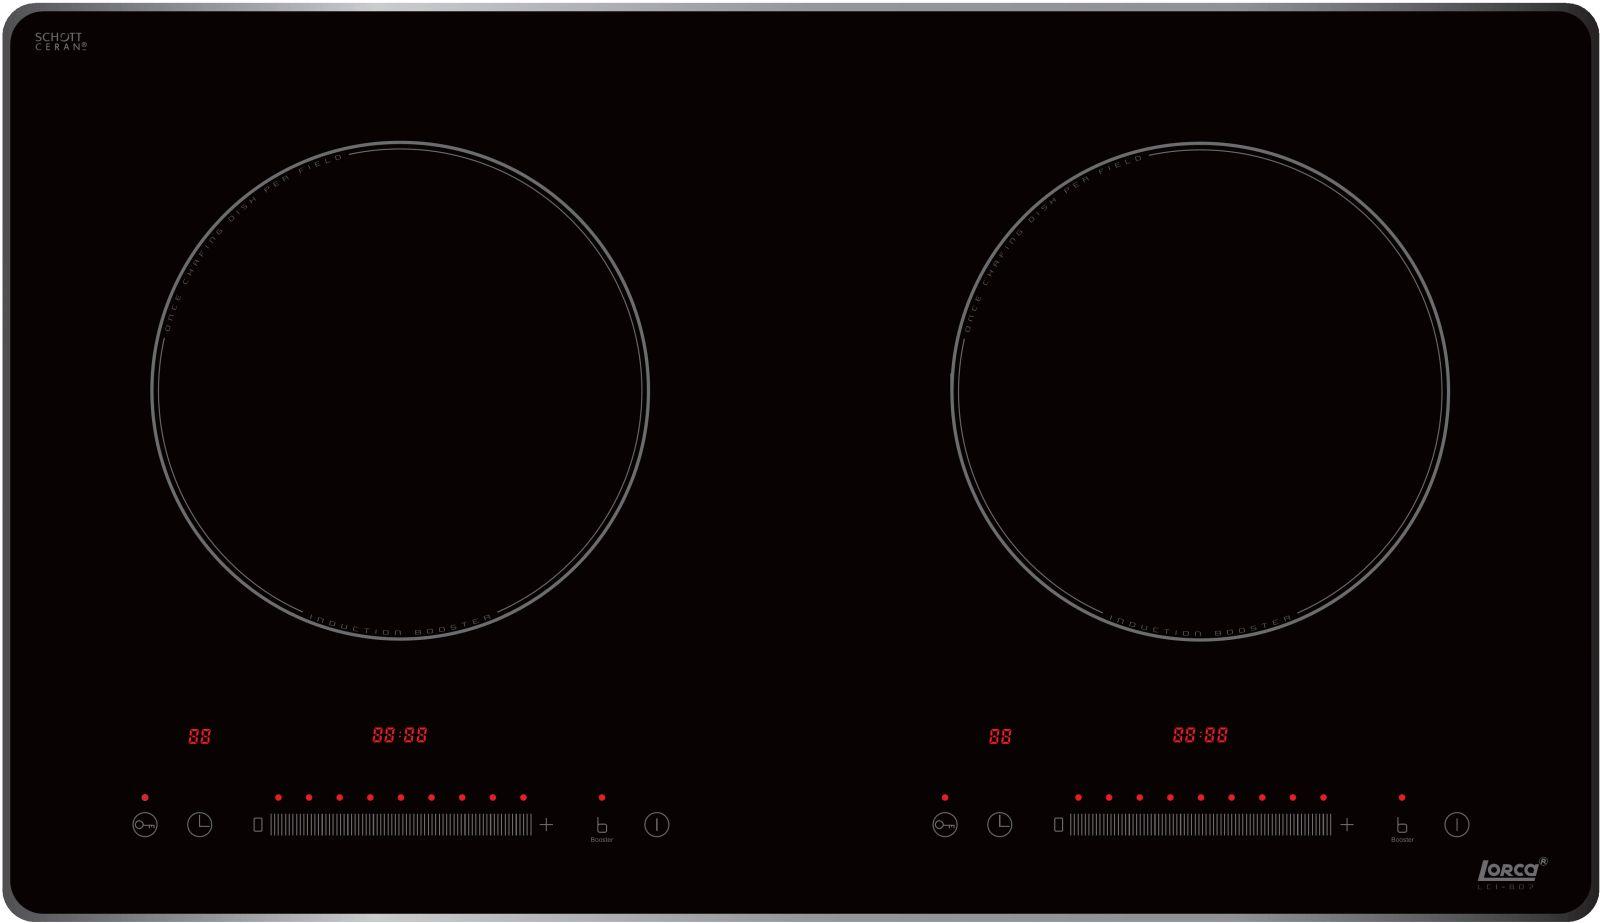 Bếp từ Lorca LCI-807 bảng điều khiển trượt siêu nhạy